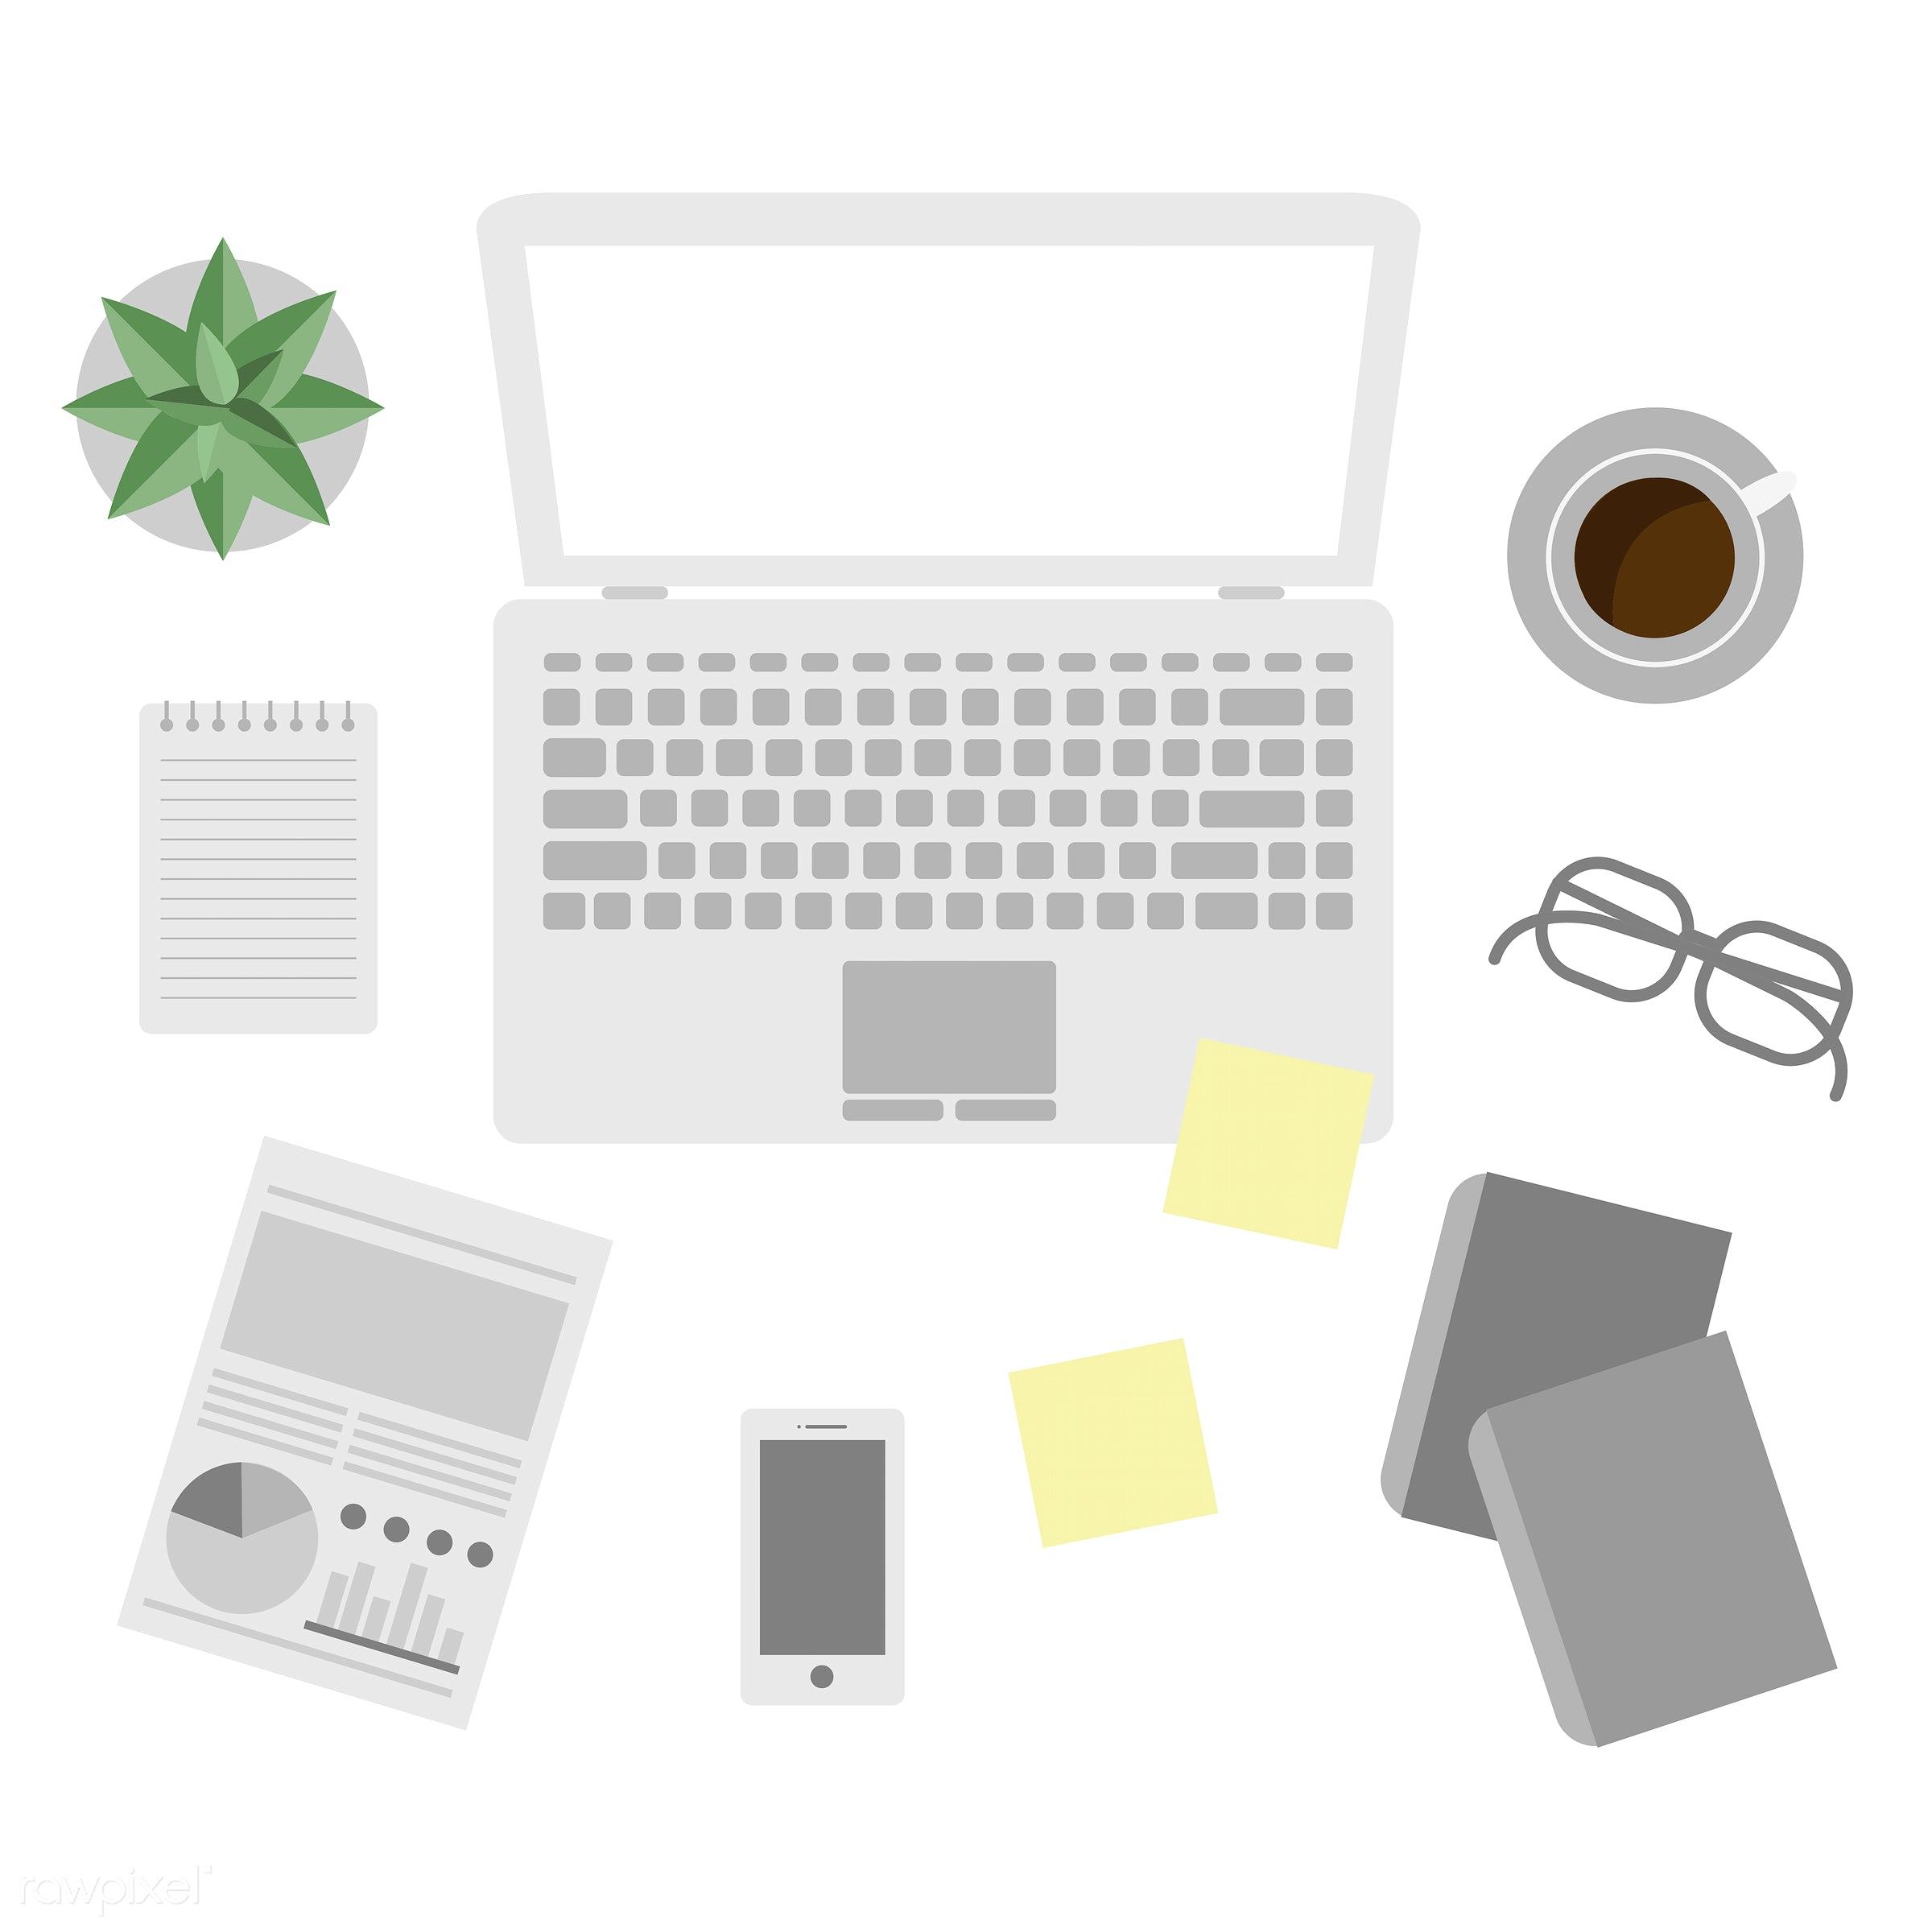 Leistungen für B2B-Unternehmen